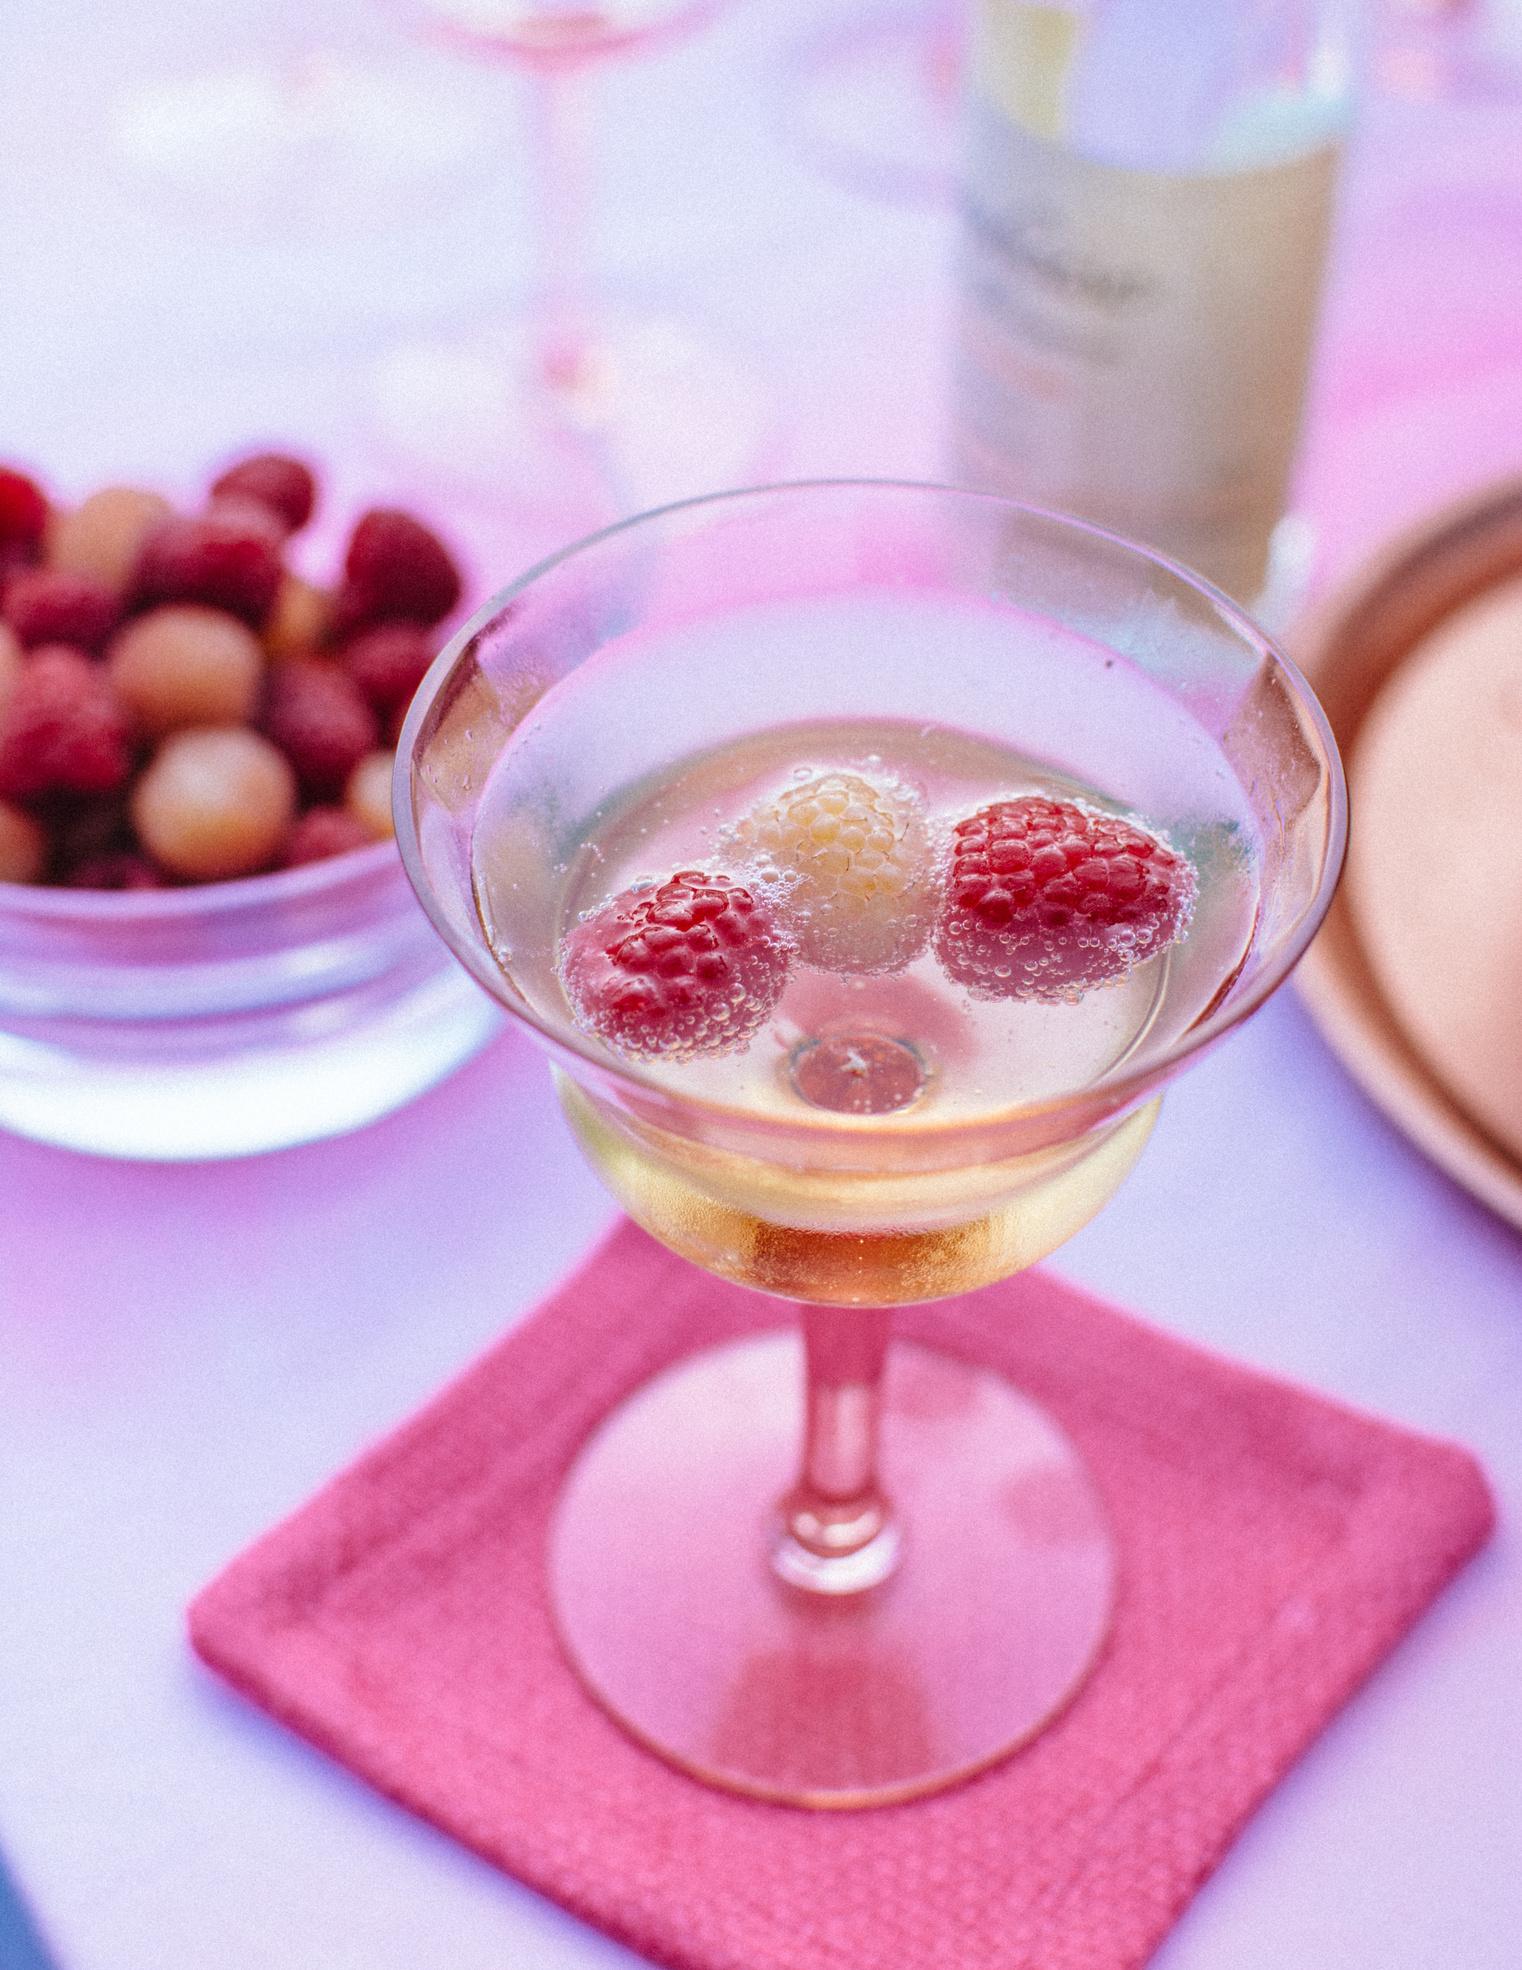 Как сделать малиновое вино - 3 рецепта вина из малины в 10